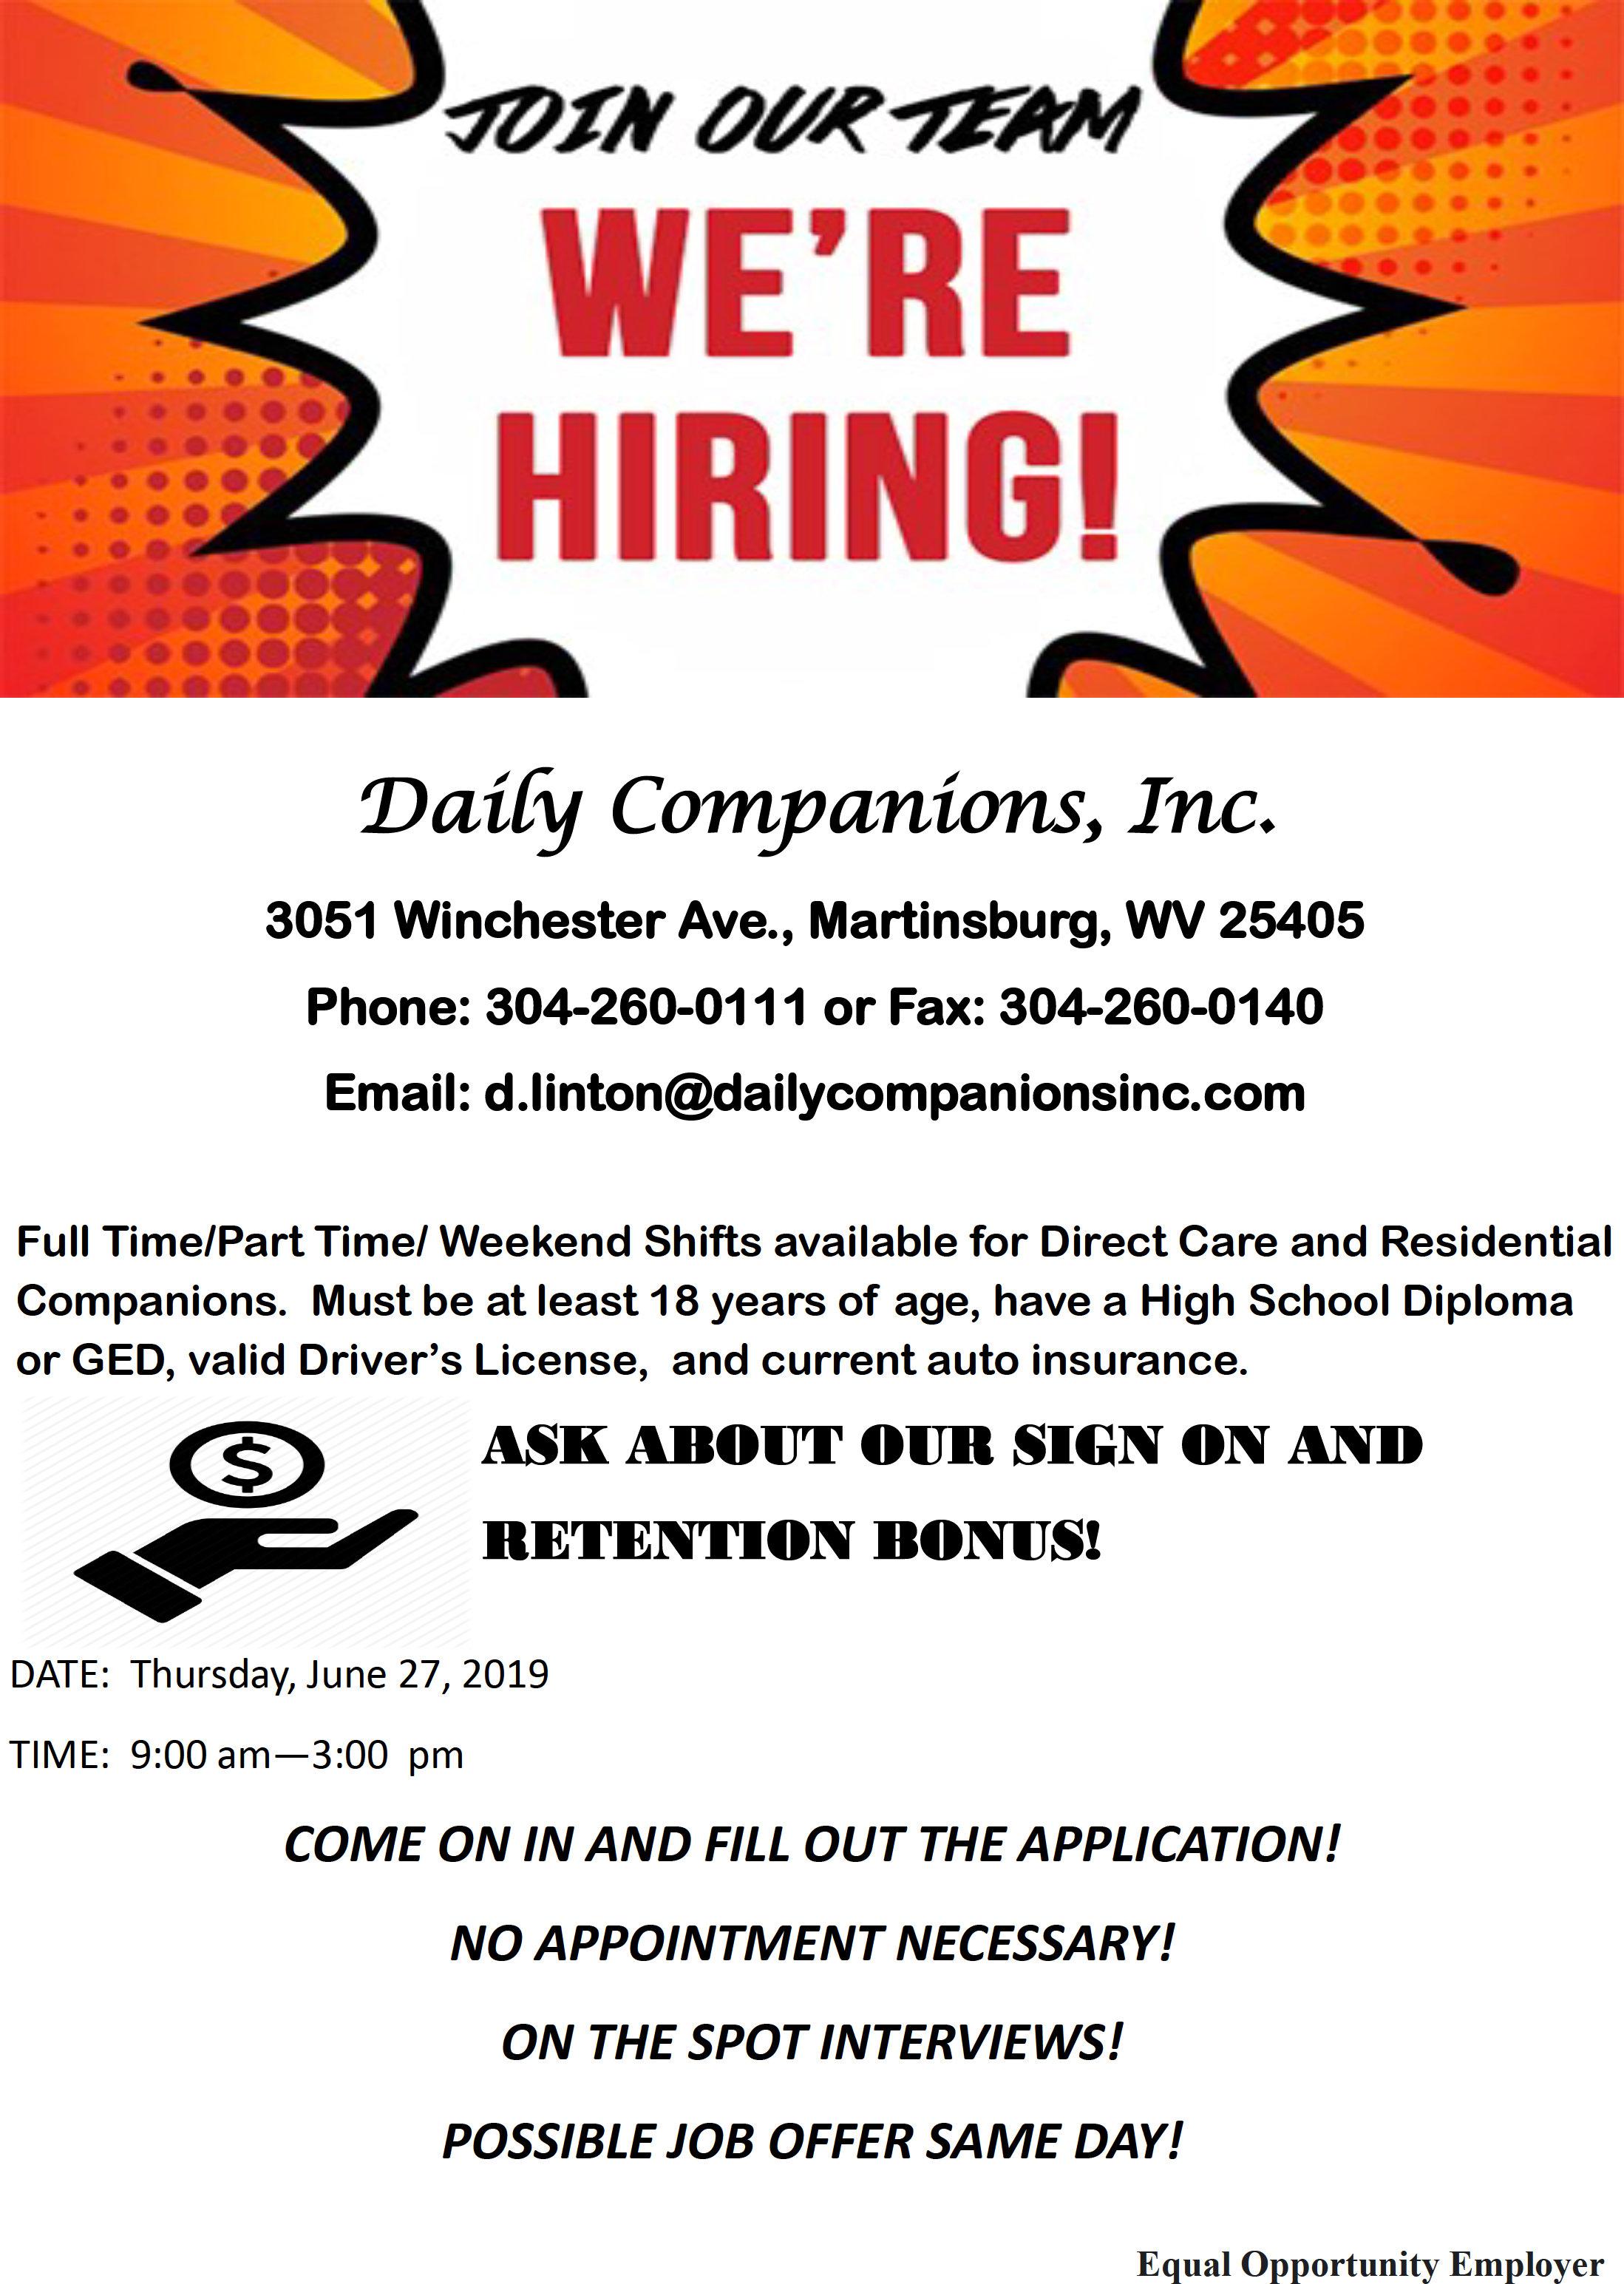 Daily Companions, Inc. Job Fair